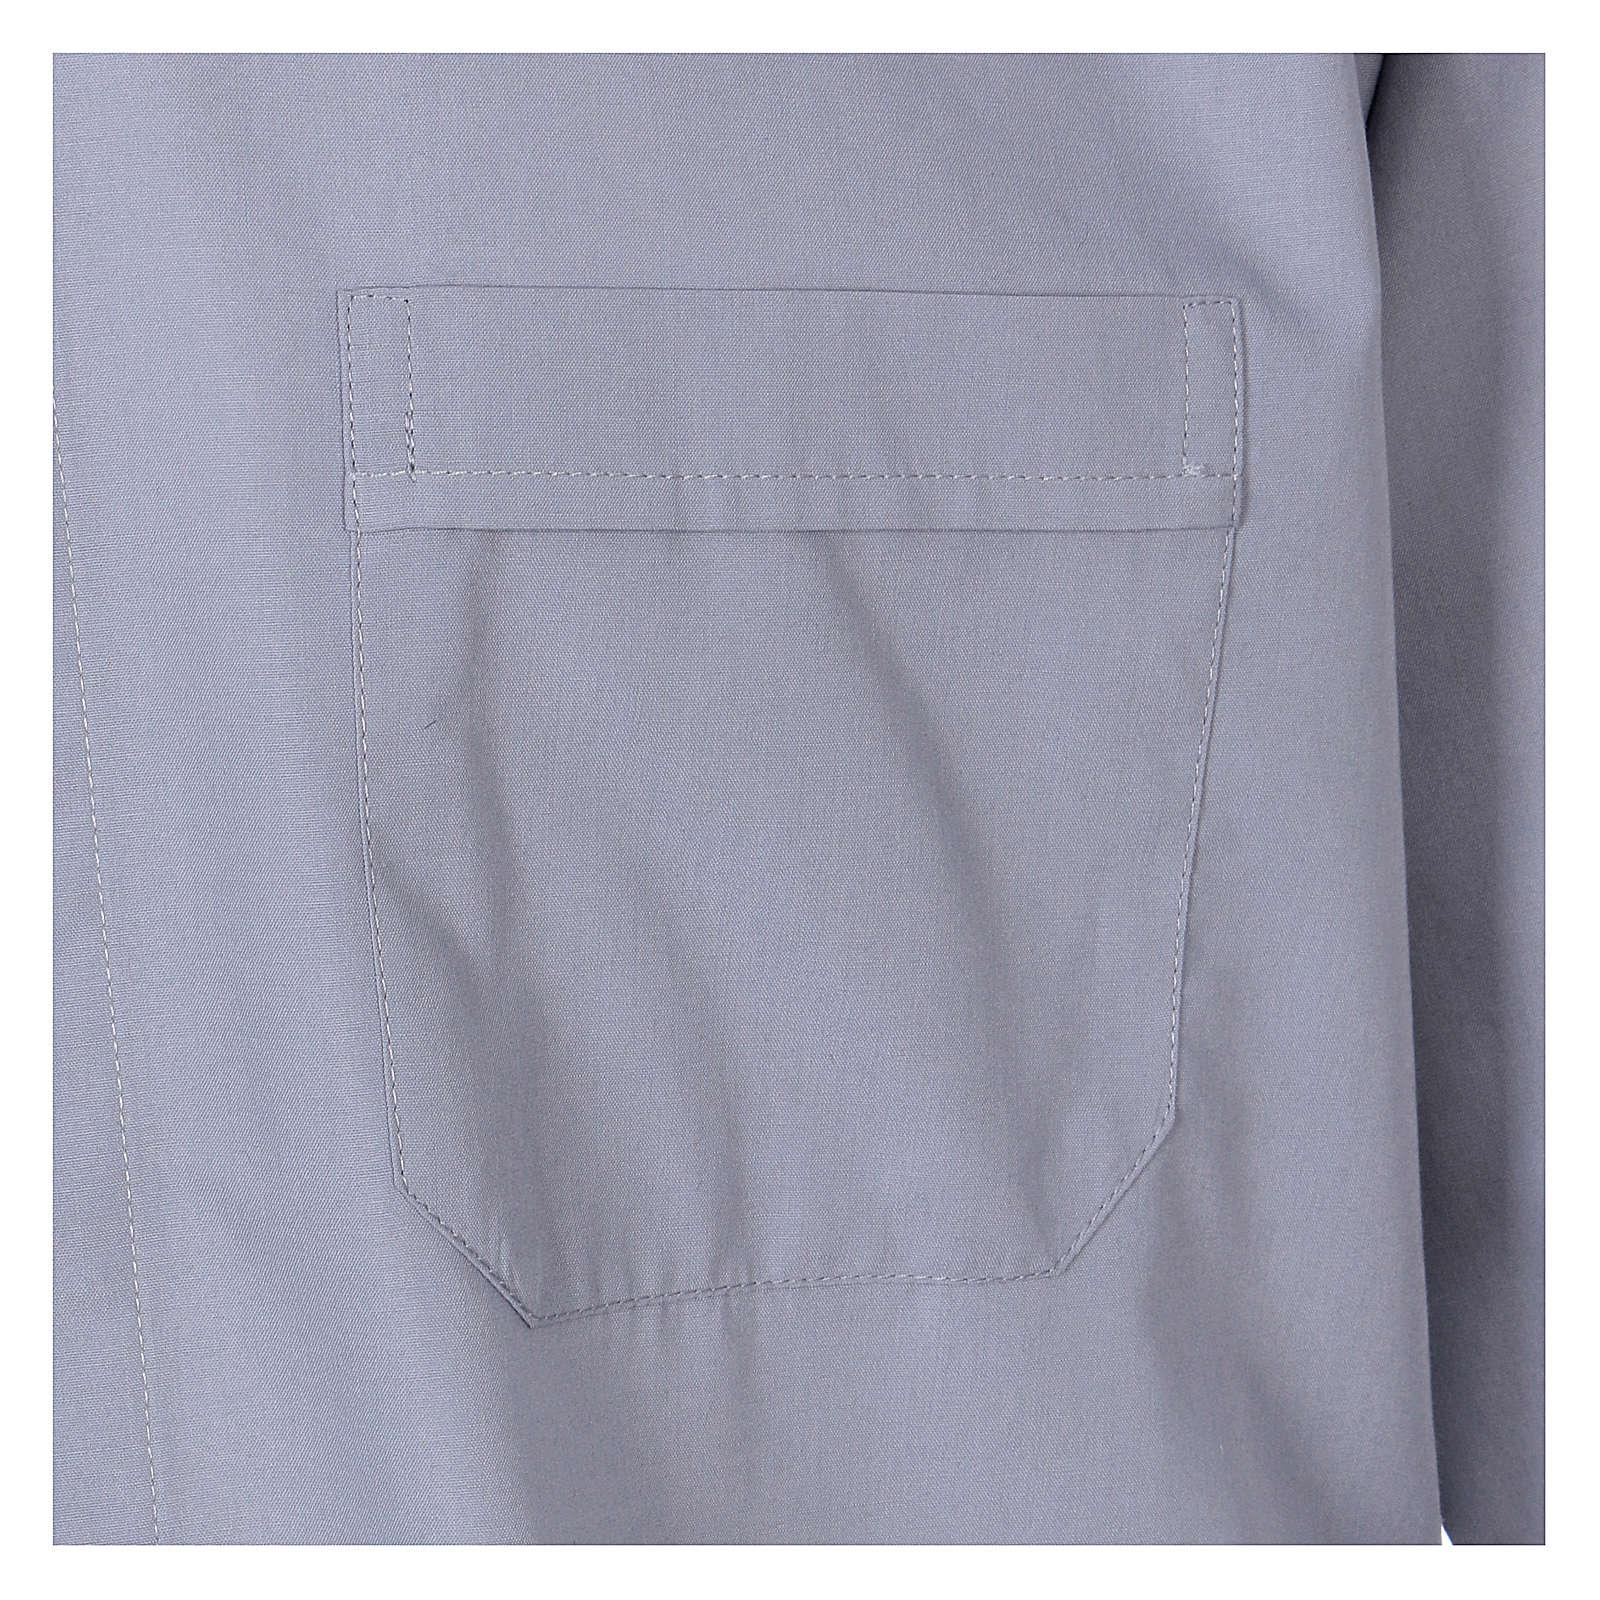 Collarhemd mit Langarm aus Baumwoll-Mischgewebe in der Farbe Hellgrau In Primis 4